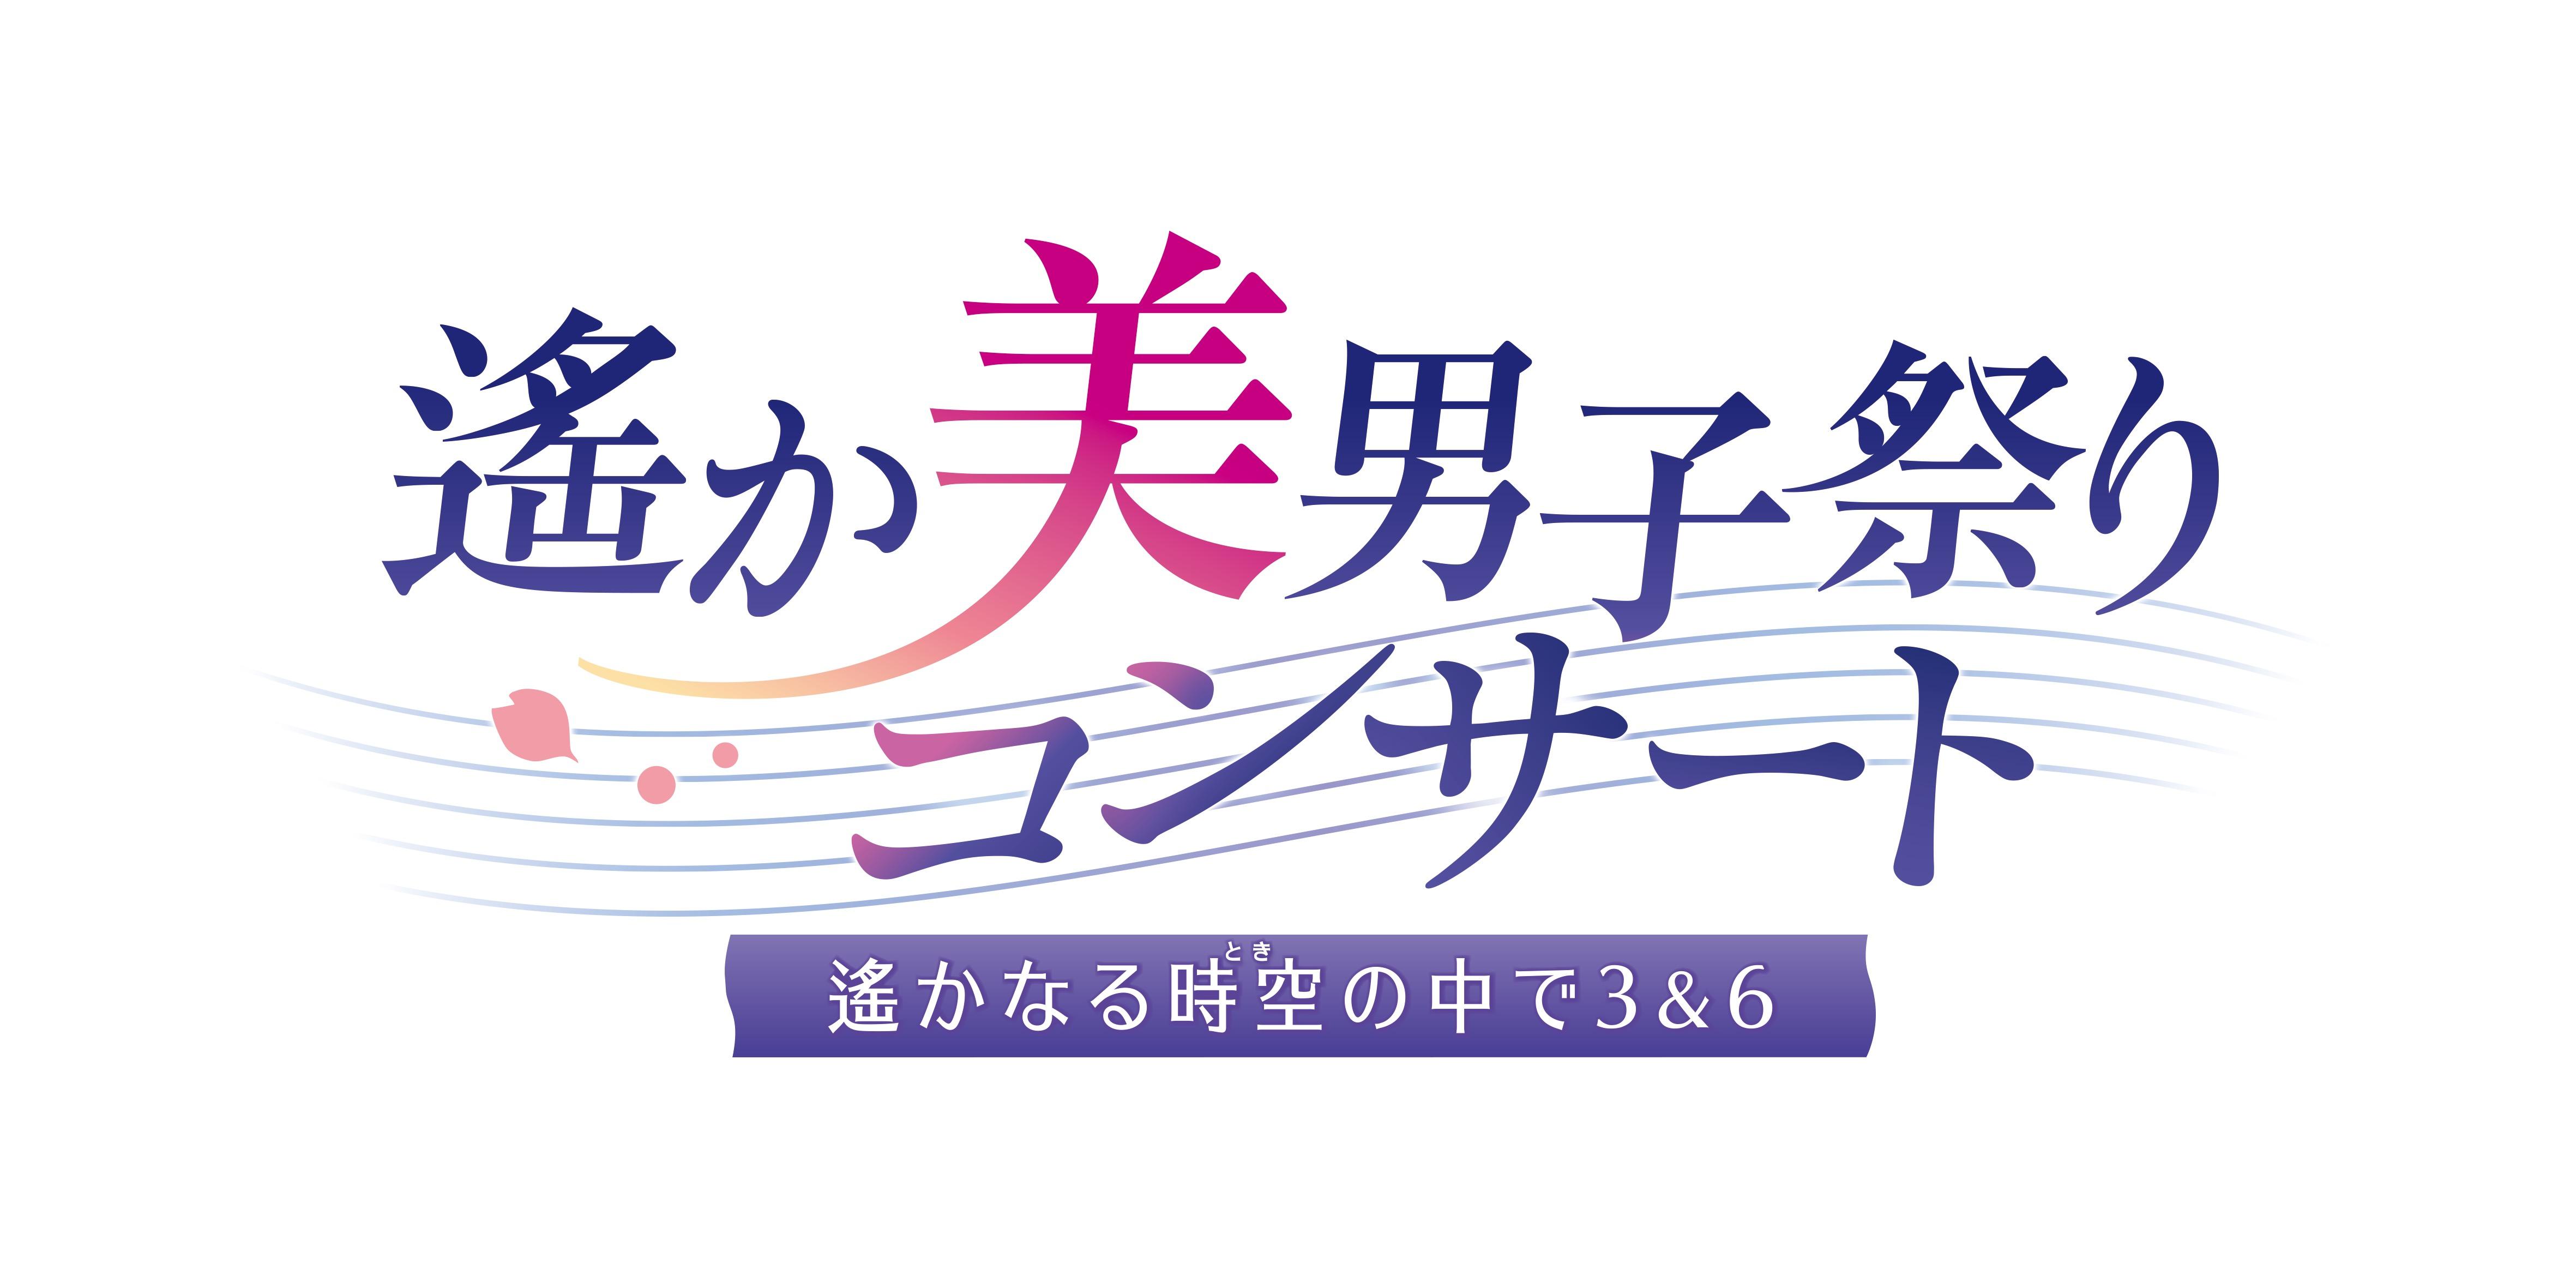 遙か美男子祭りコンサート〜遙かなる時空の中で3&6